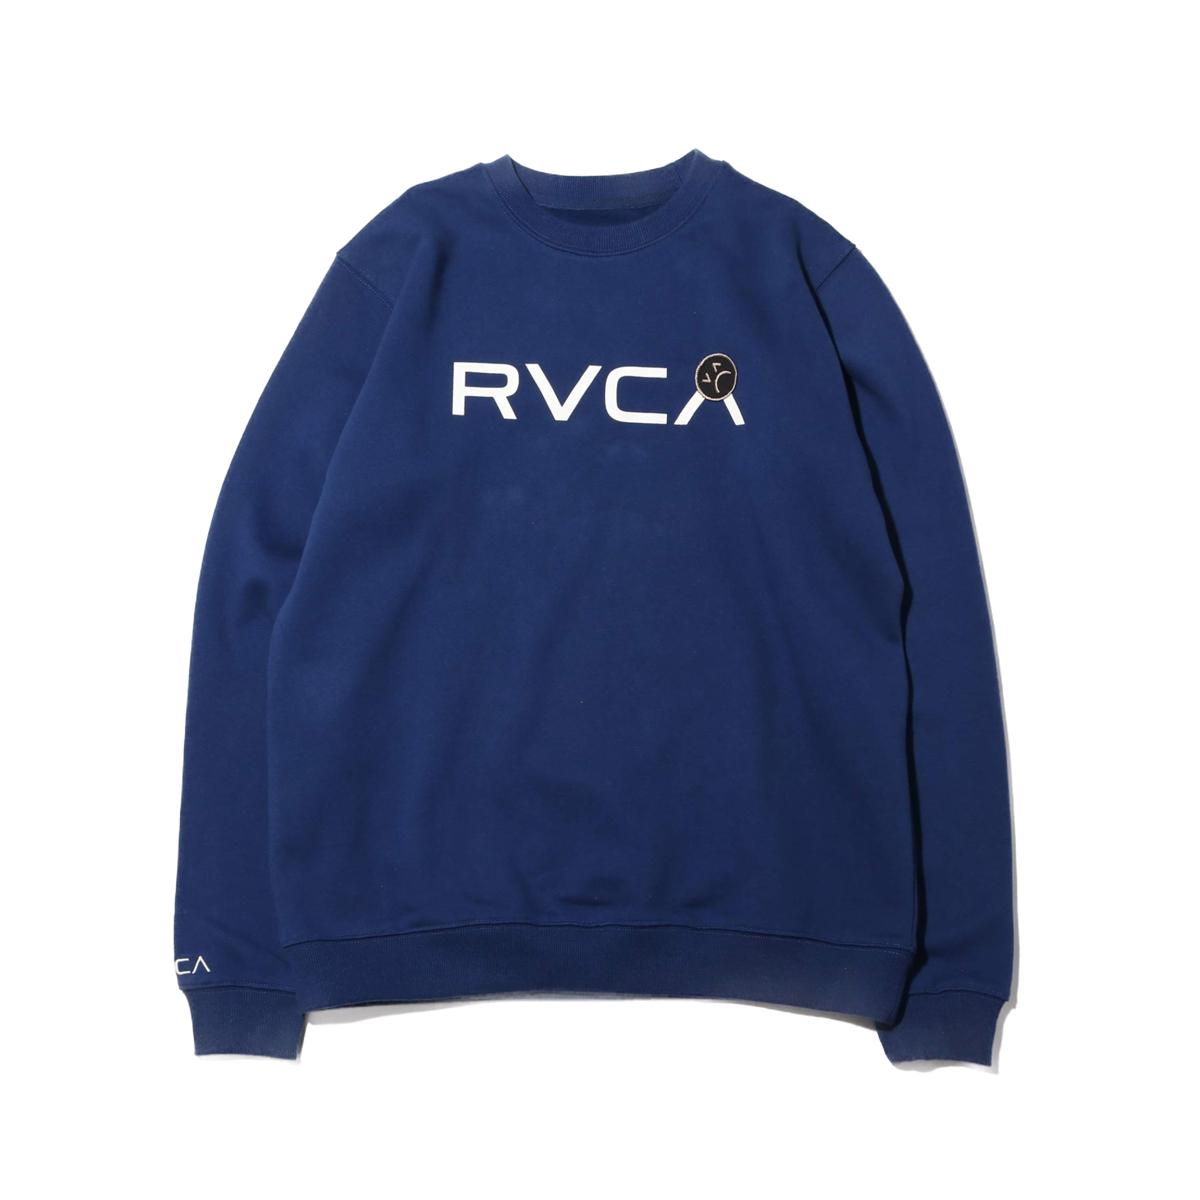 RVCA SAD RVCA CREW(ルーカ サッド ルーカ クルー)NAVY【メンズ スウェット】19FW-I